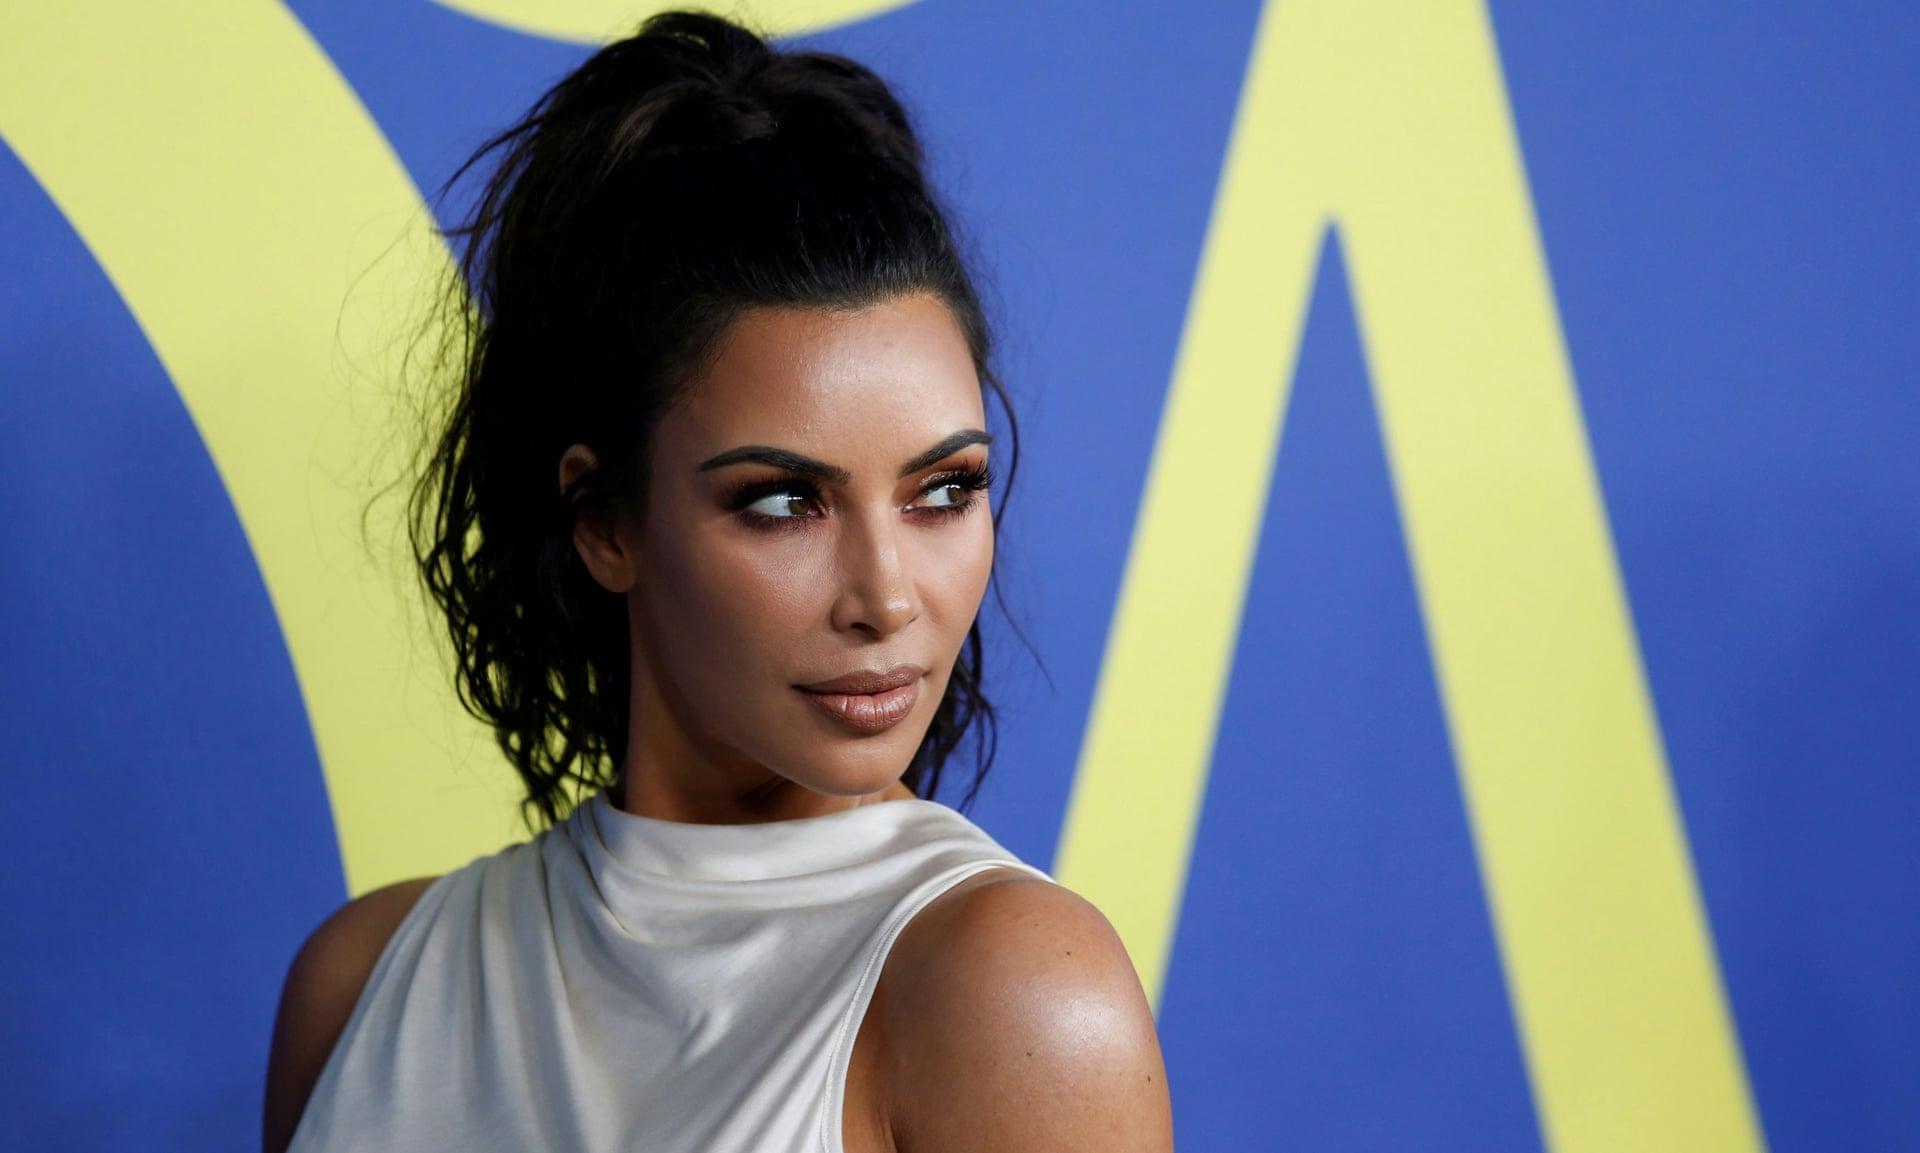 卡戴珊内衣品牌推出裸色口罩 被指责滥用种族主义